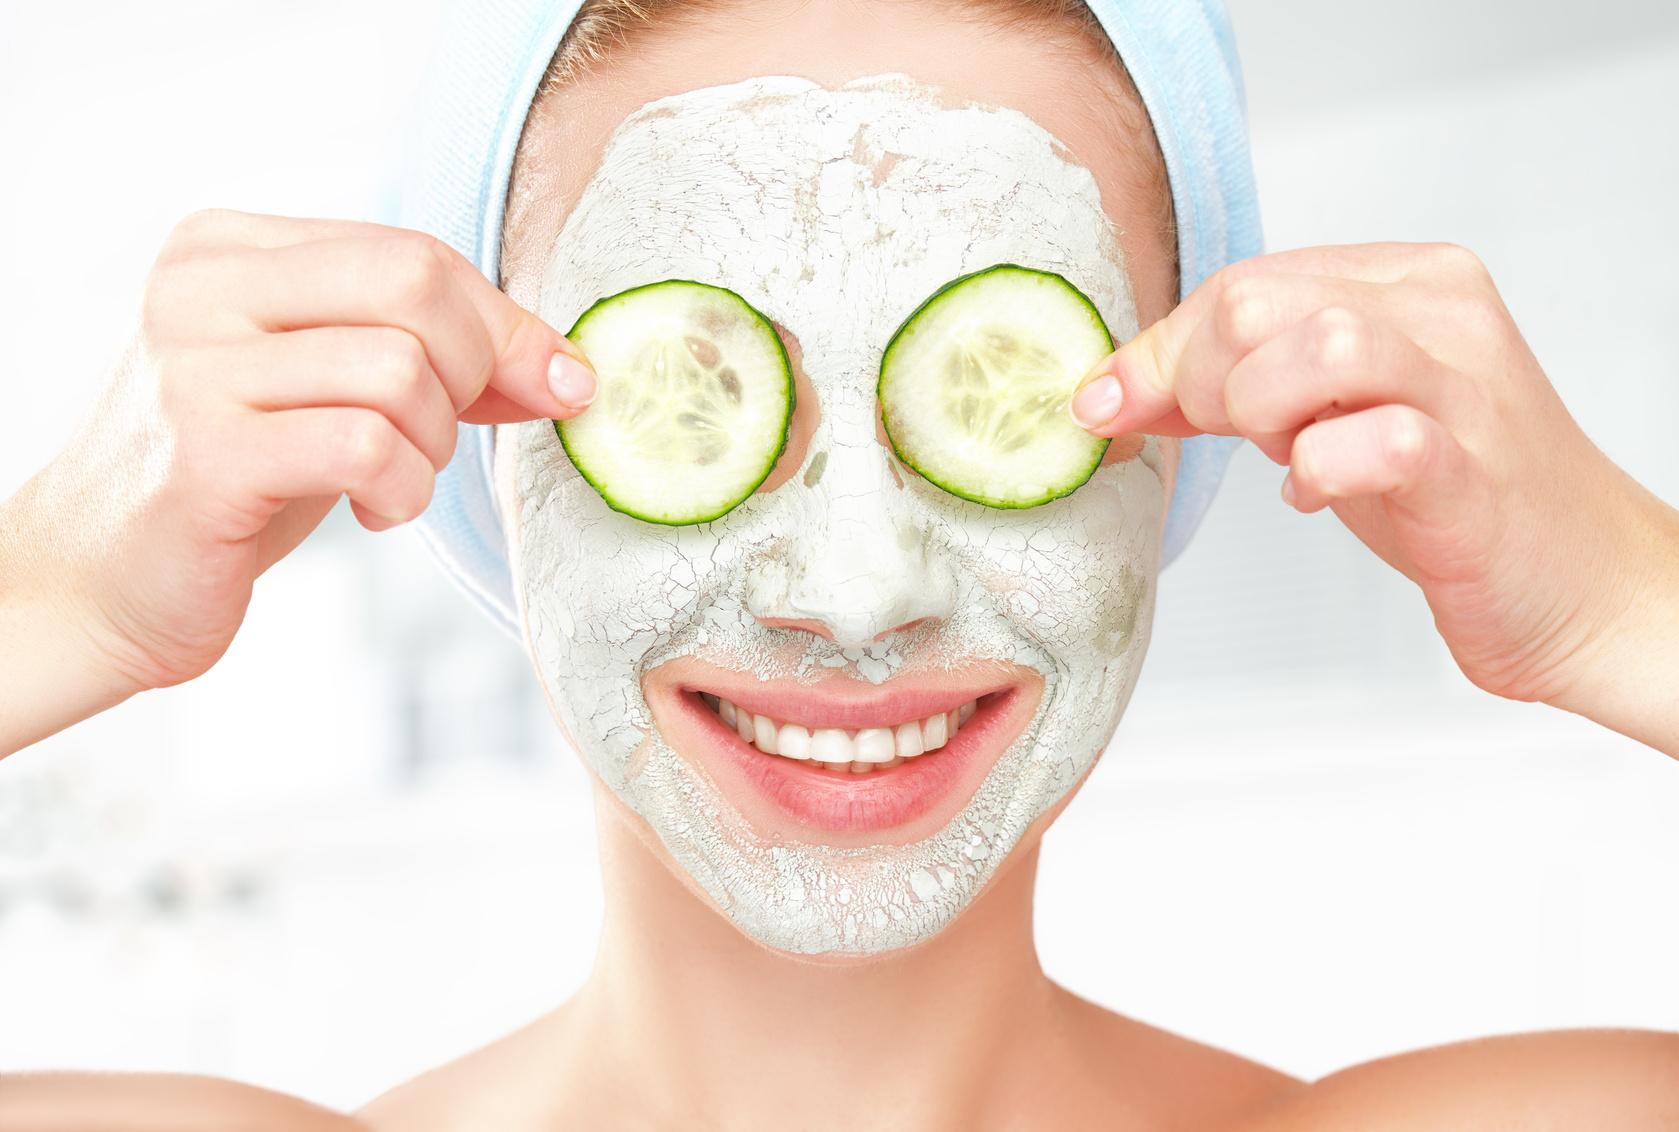 Savarankiškas odos sutrikimų gydymas namie